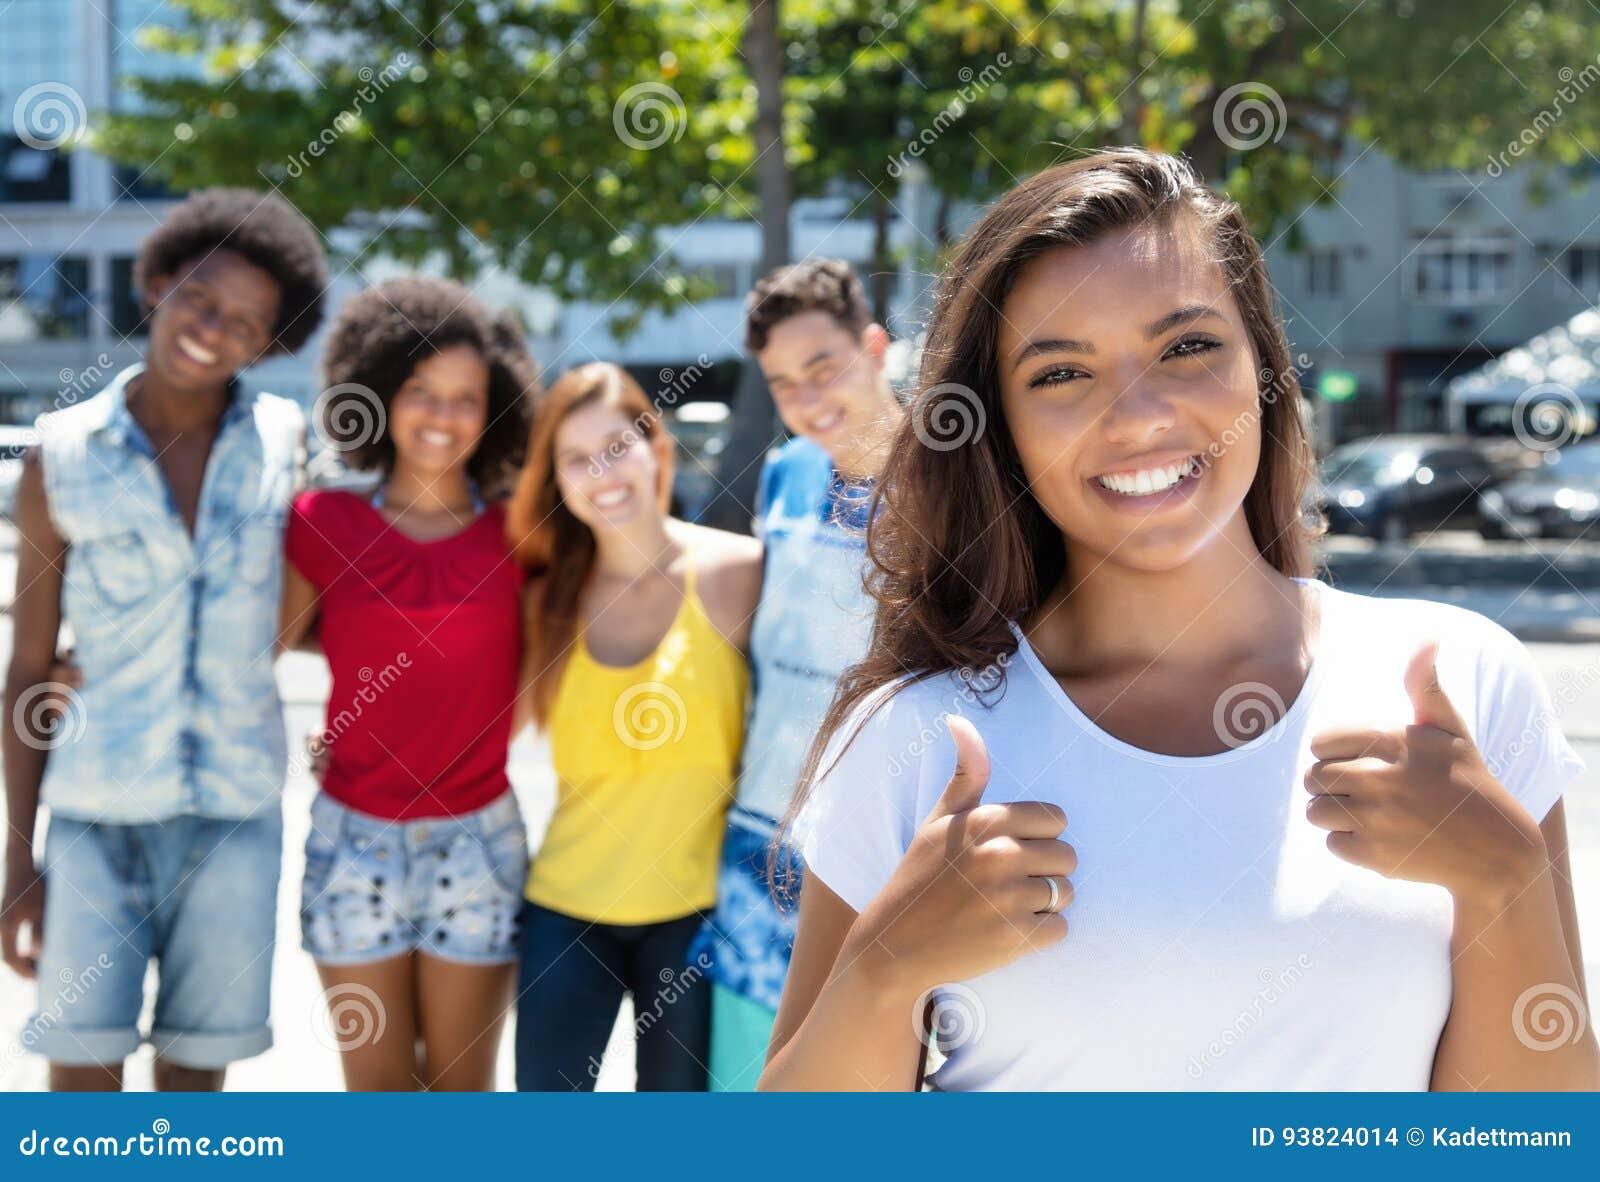 显示有小组多种族人民的拉丁美洲的女孩拇指